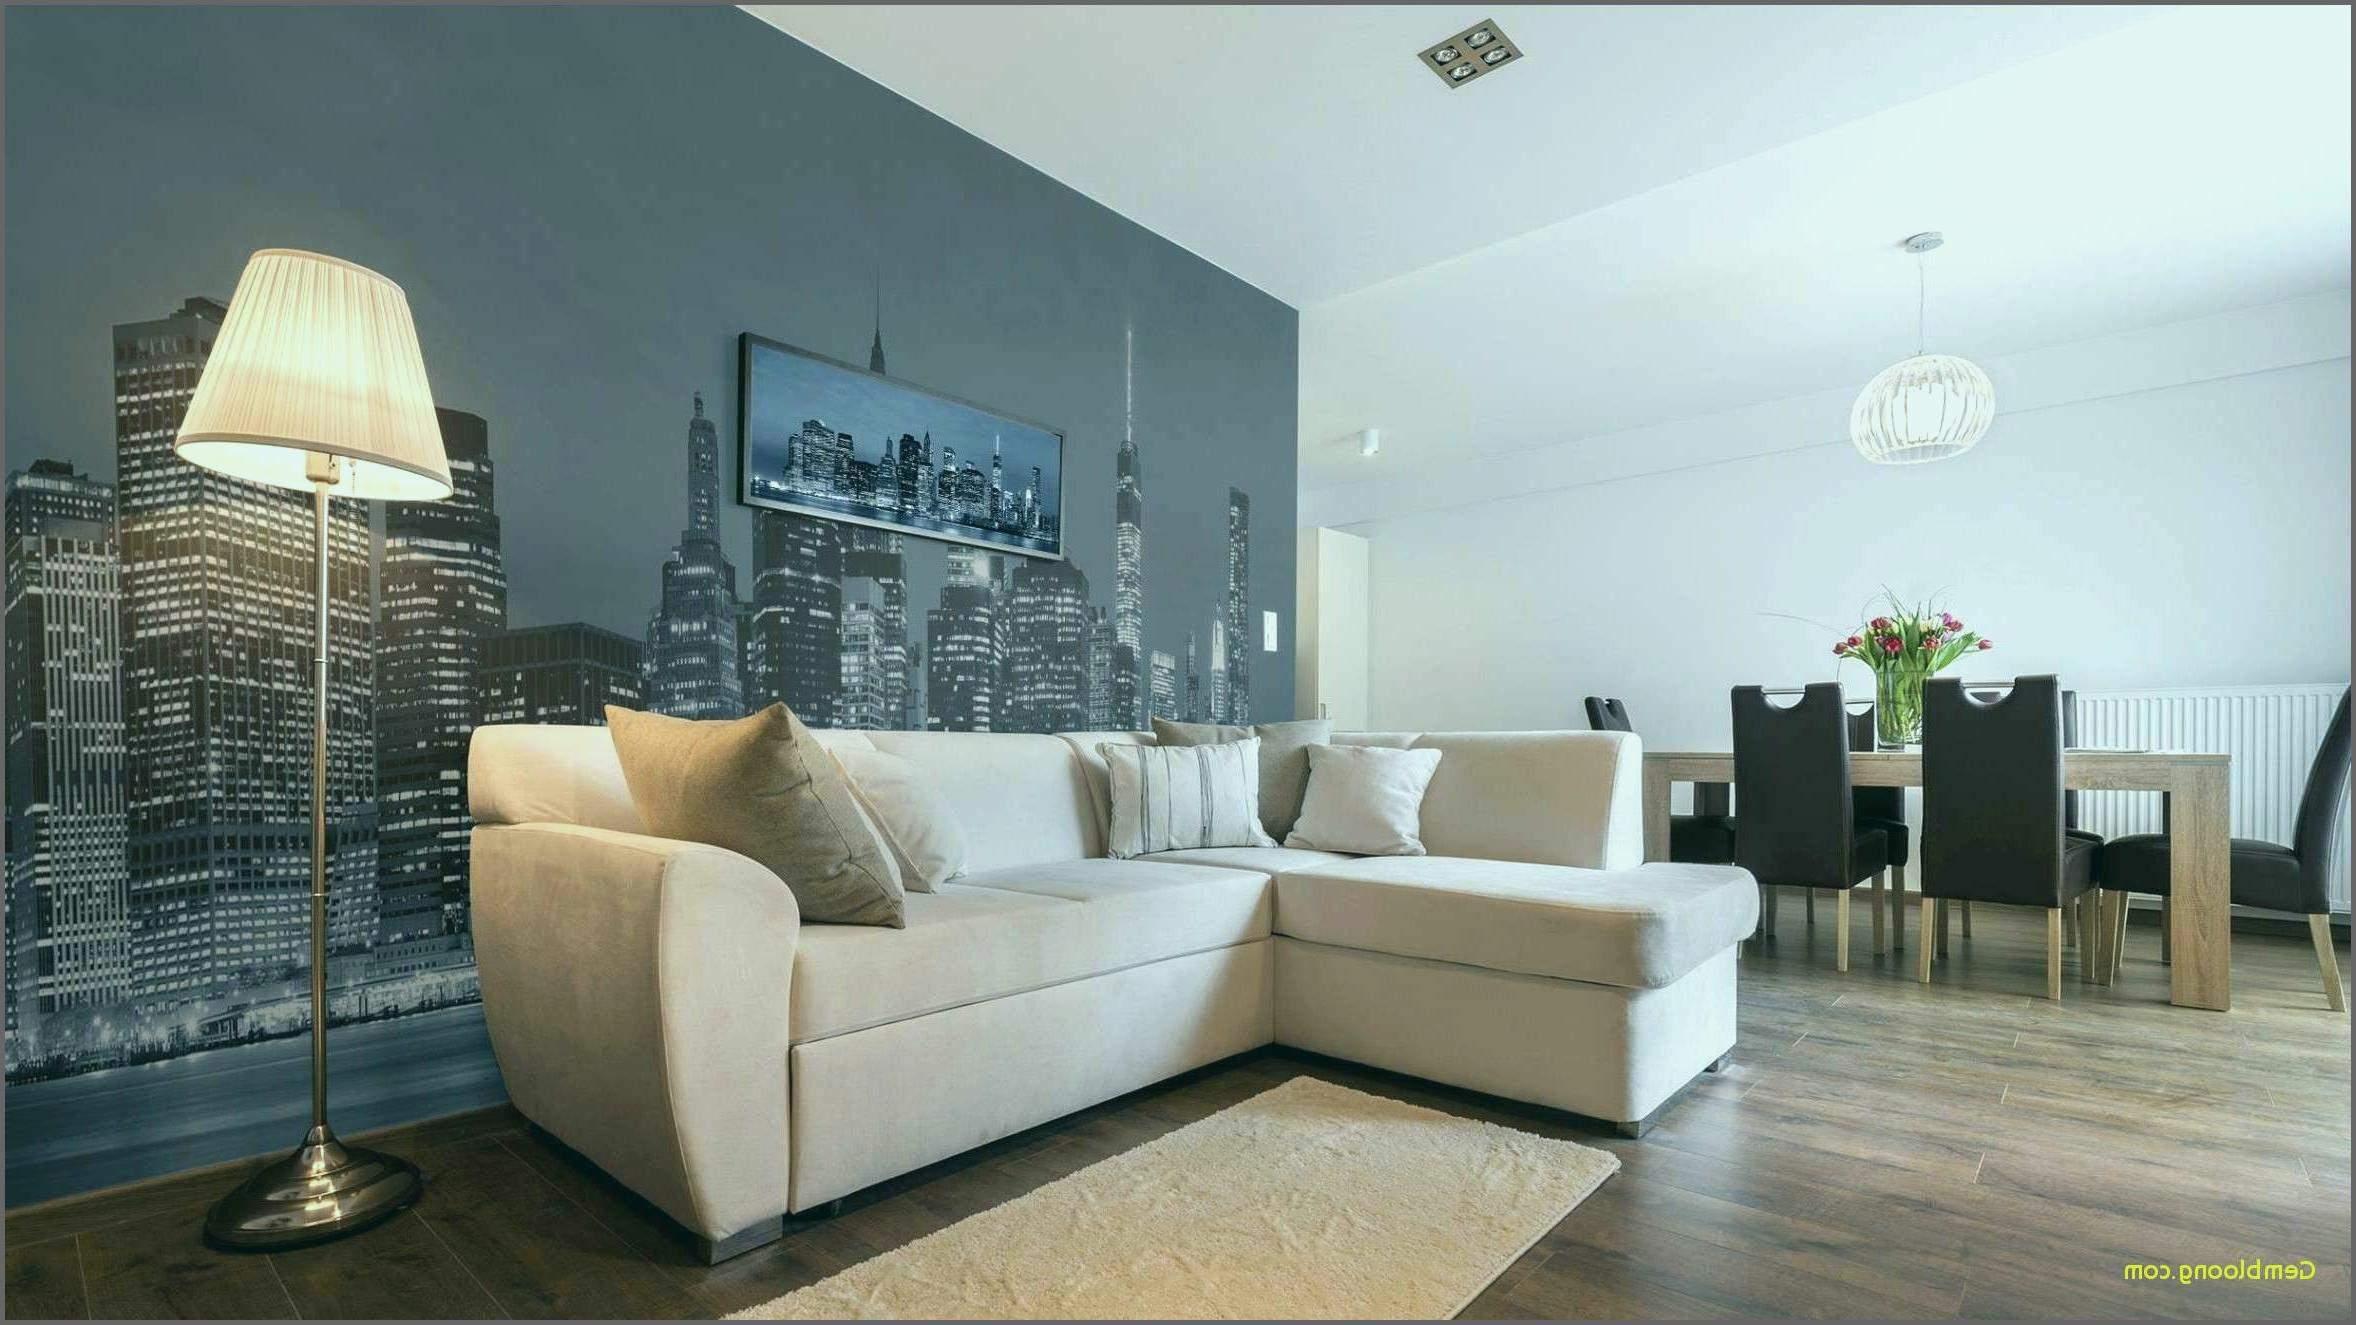 deko sideboard wohnzimmer inspirierend wohnzimmer wand dekorieren frisch wand licht dekoration of deko sideboard wohnzimmer